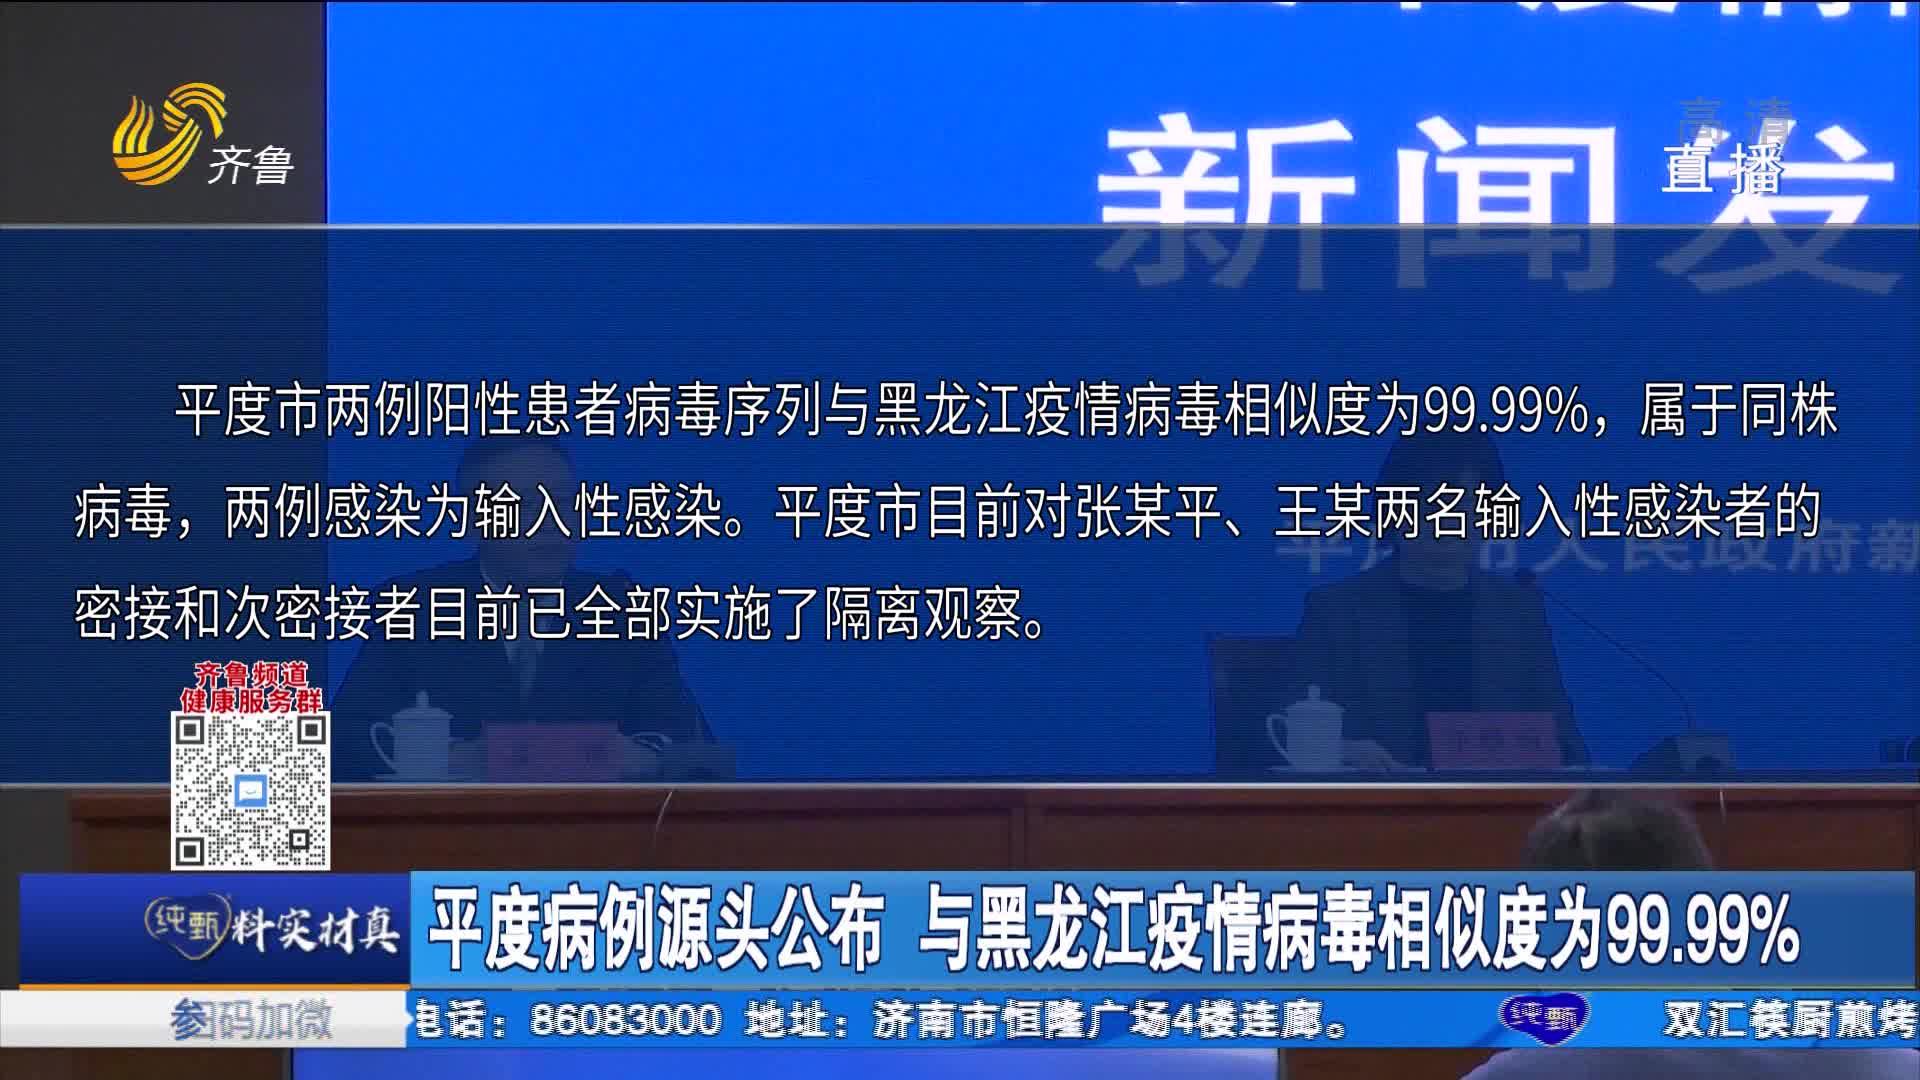 平度病例源头公布 与黑龙江疫情病毒相似度为99.99%